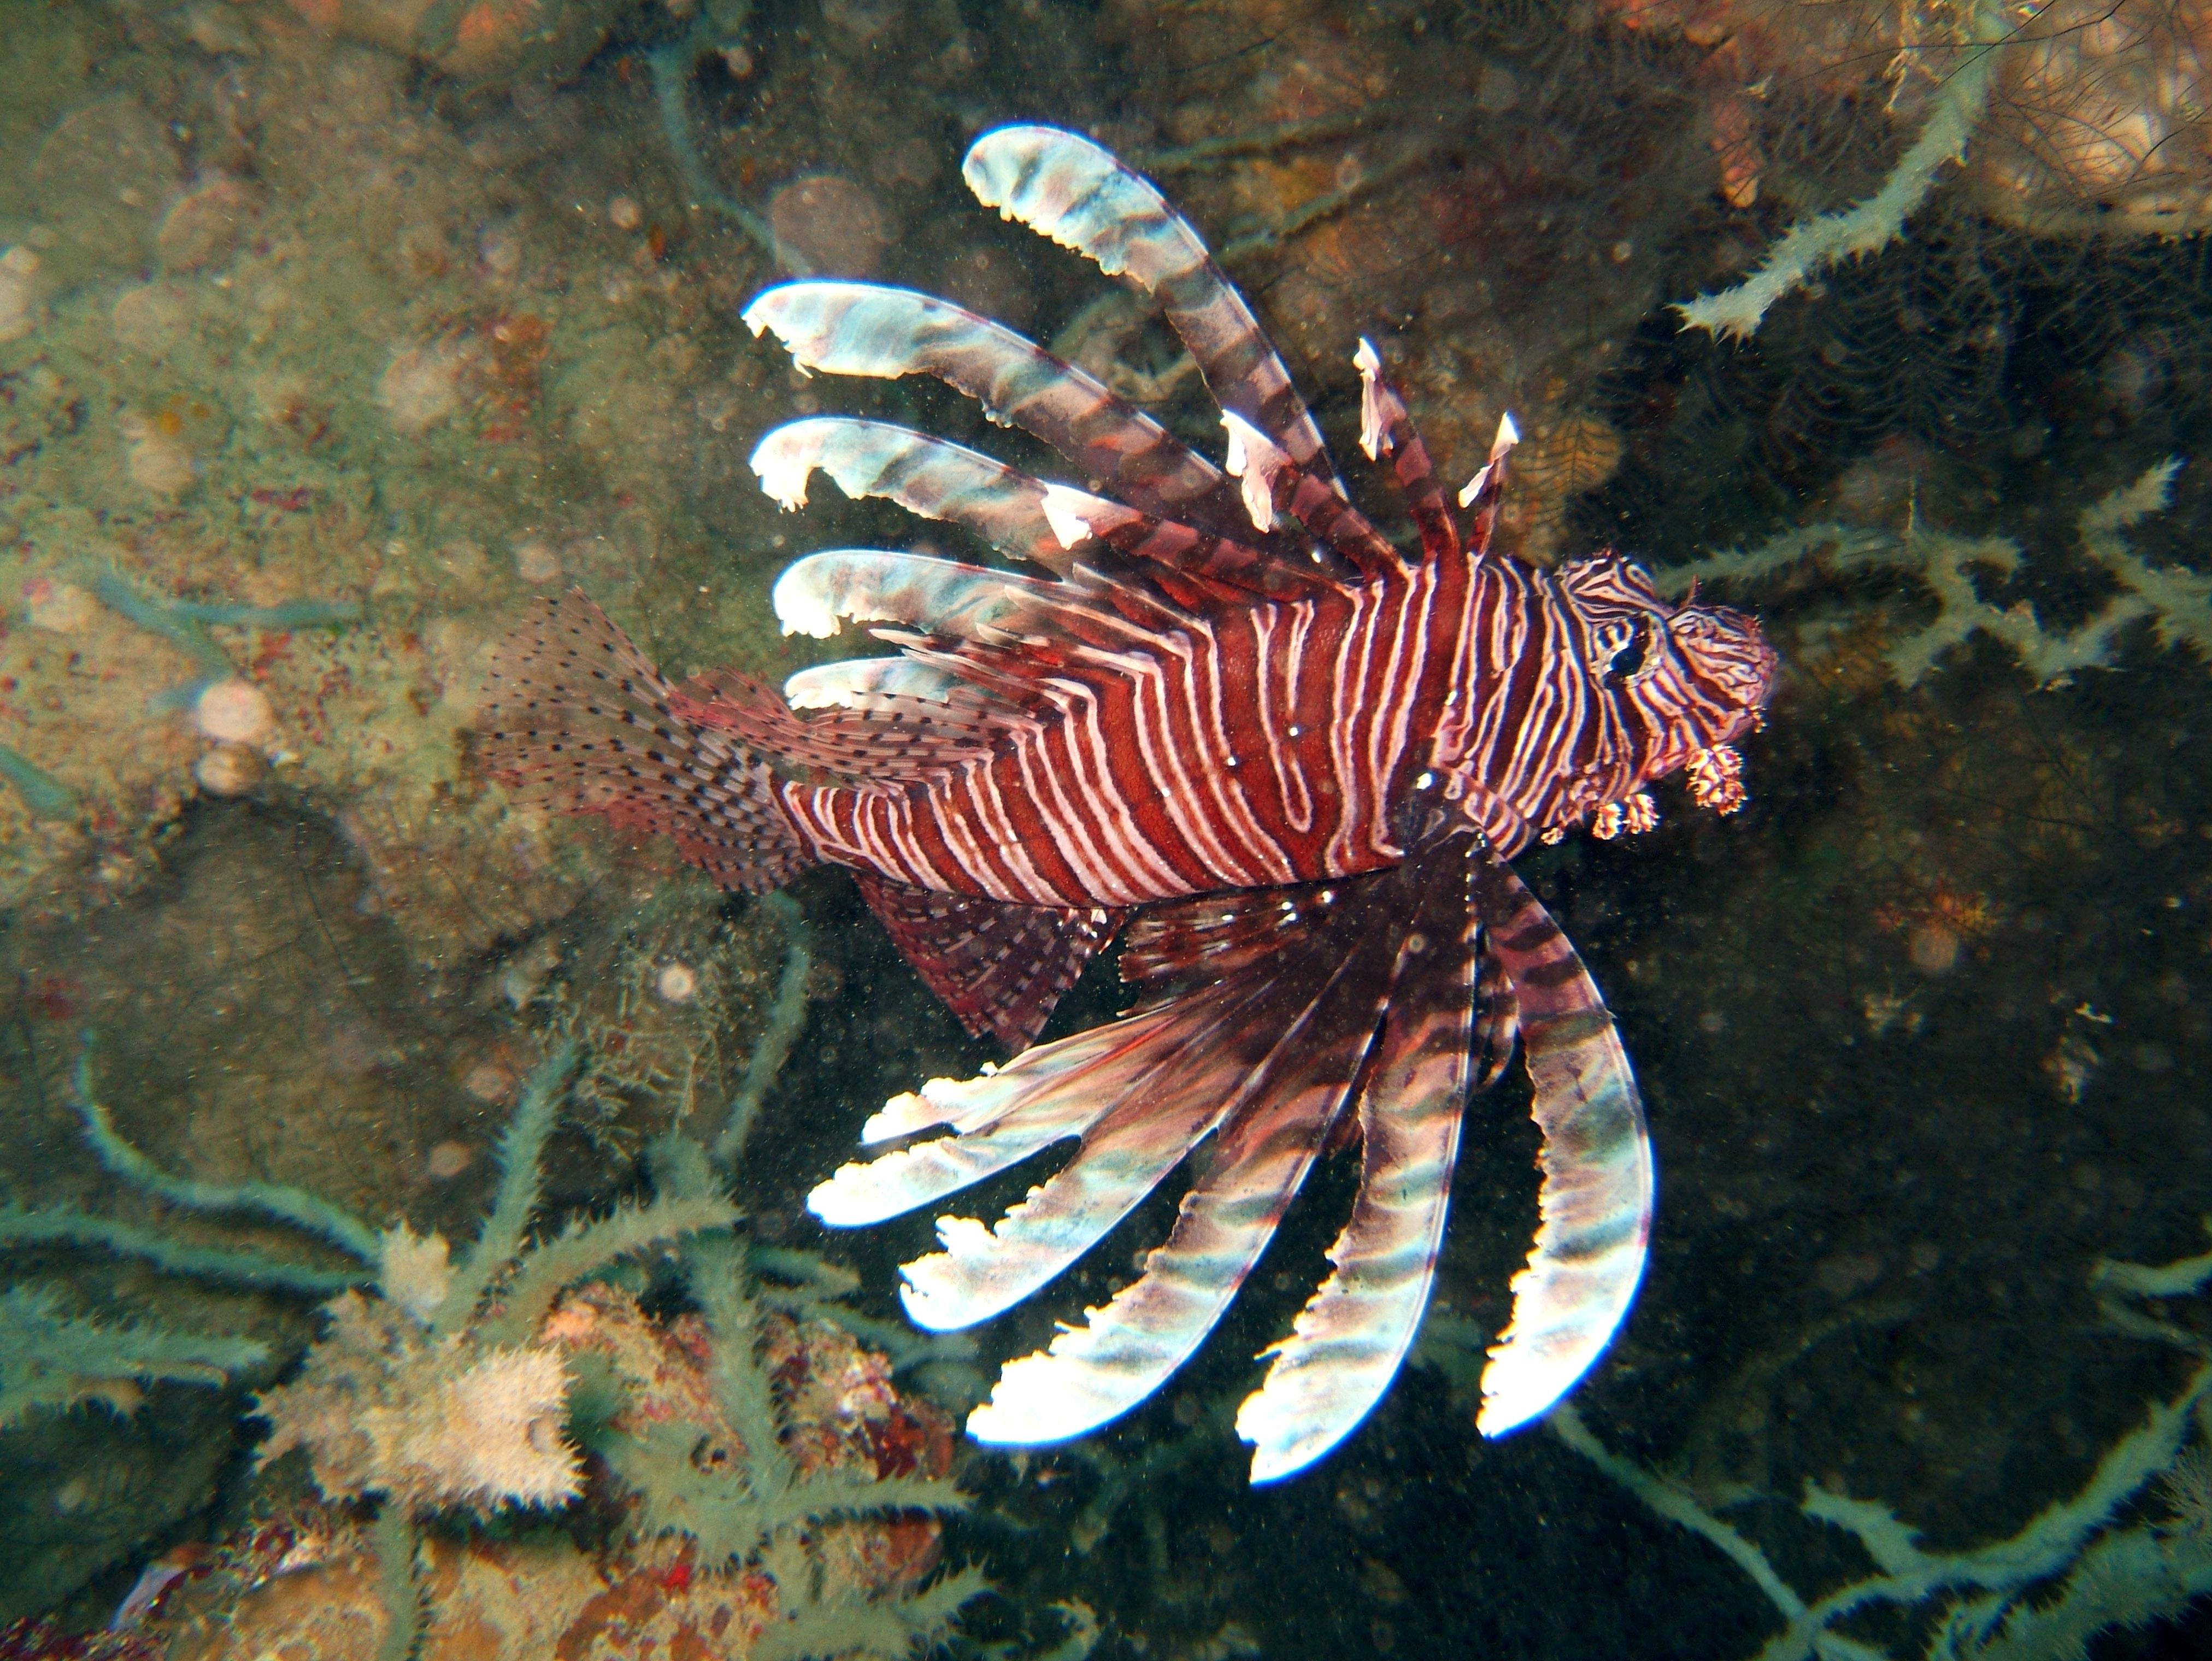 Philippines Cebu Bohol Balicasag Island Rudys rock dive Dec 2005 26